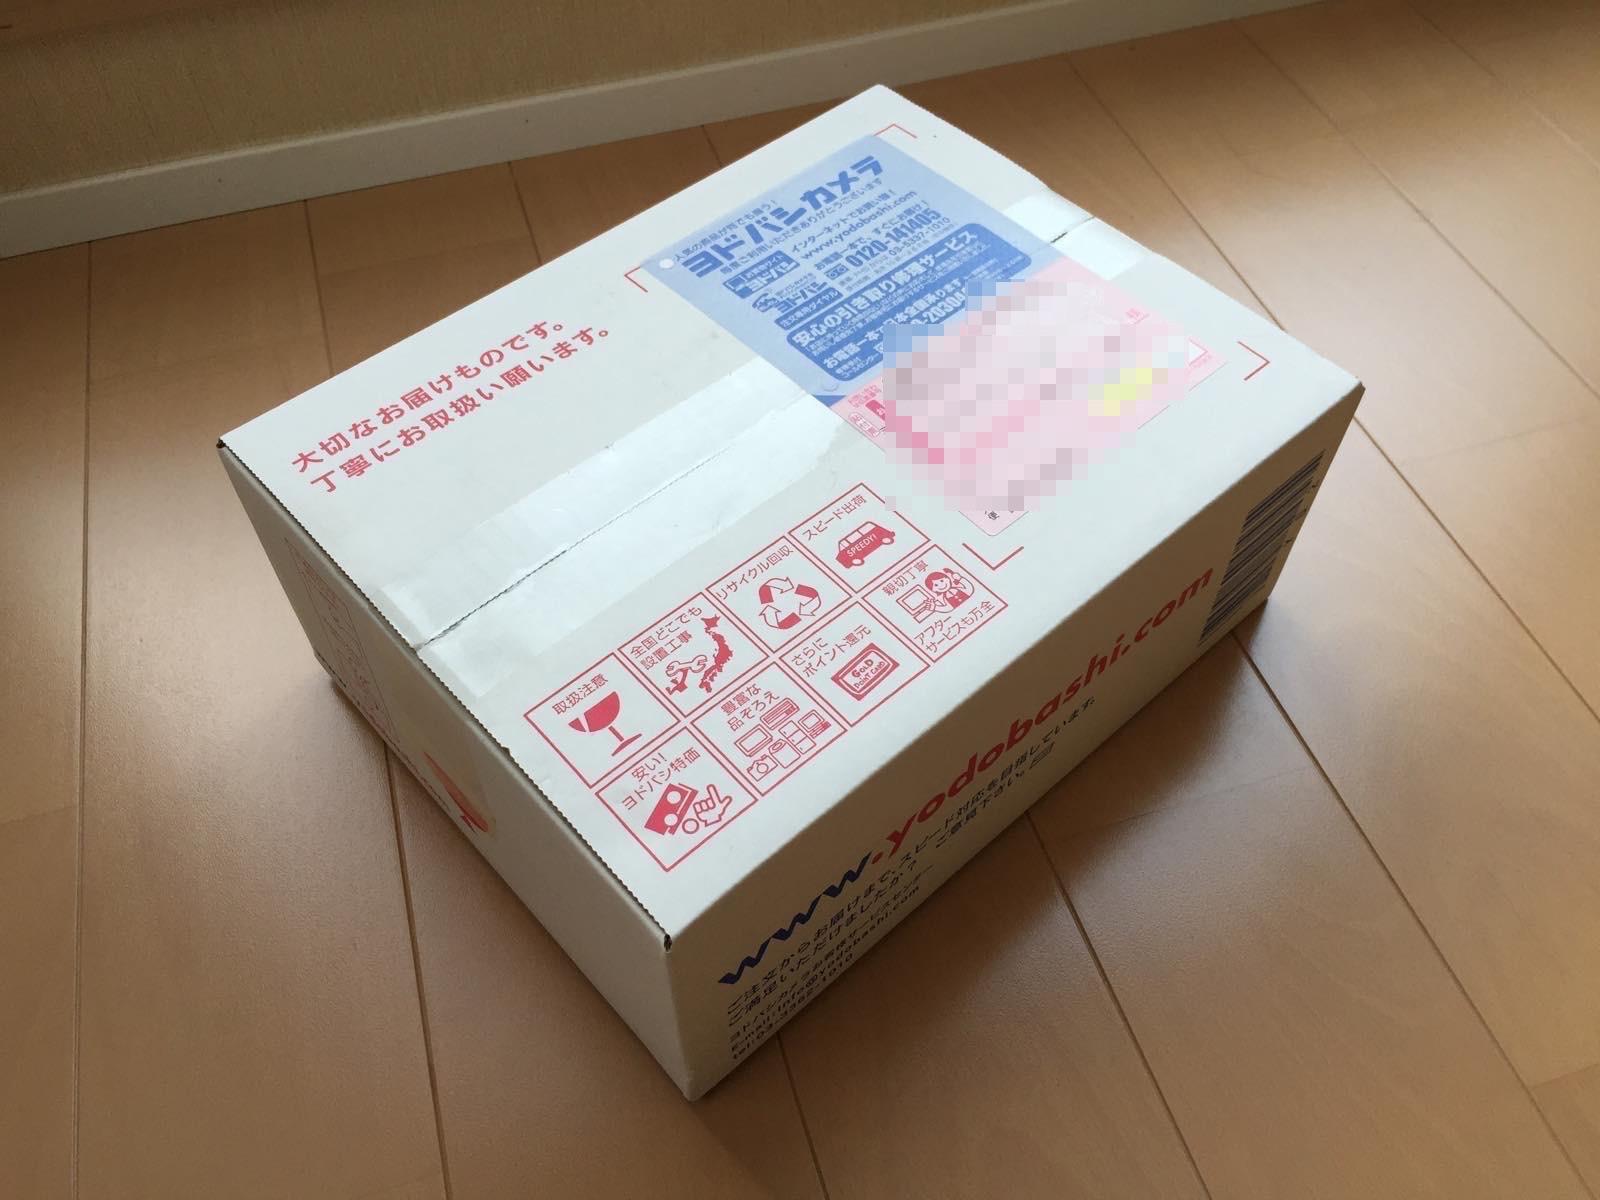 ヨドバシエクストリーム便で届いた箱